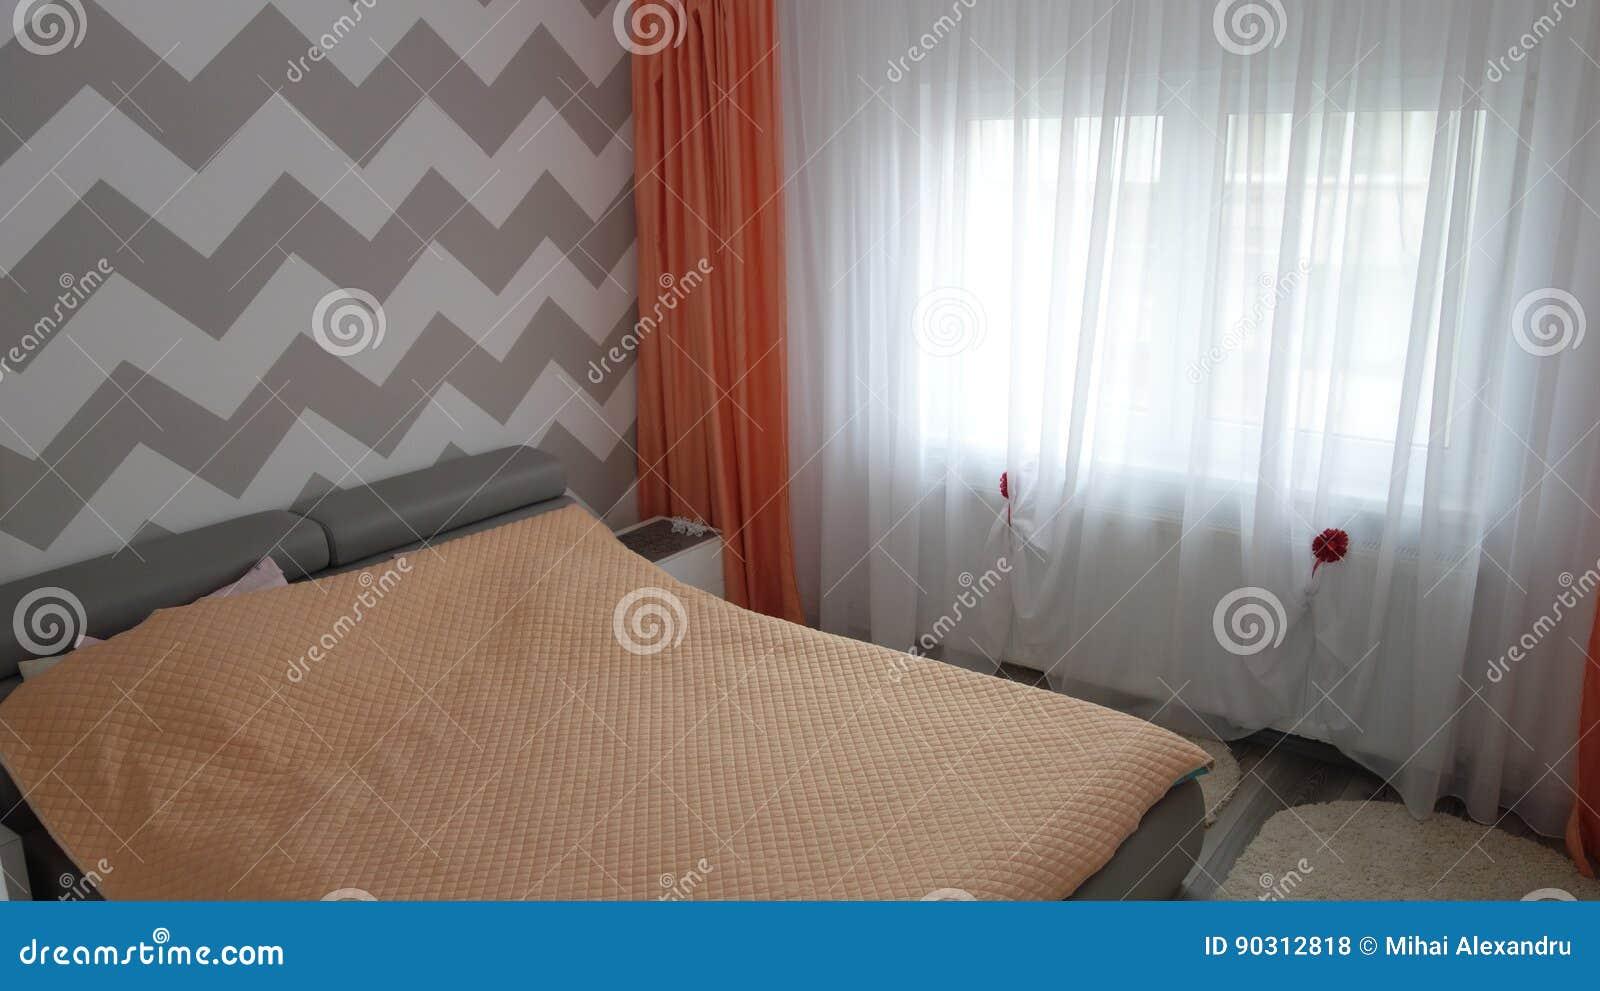 Foto Der Mittelgroßen Schlafzimmerwohnung In Den Grauen Farben ...